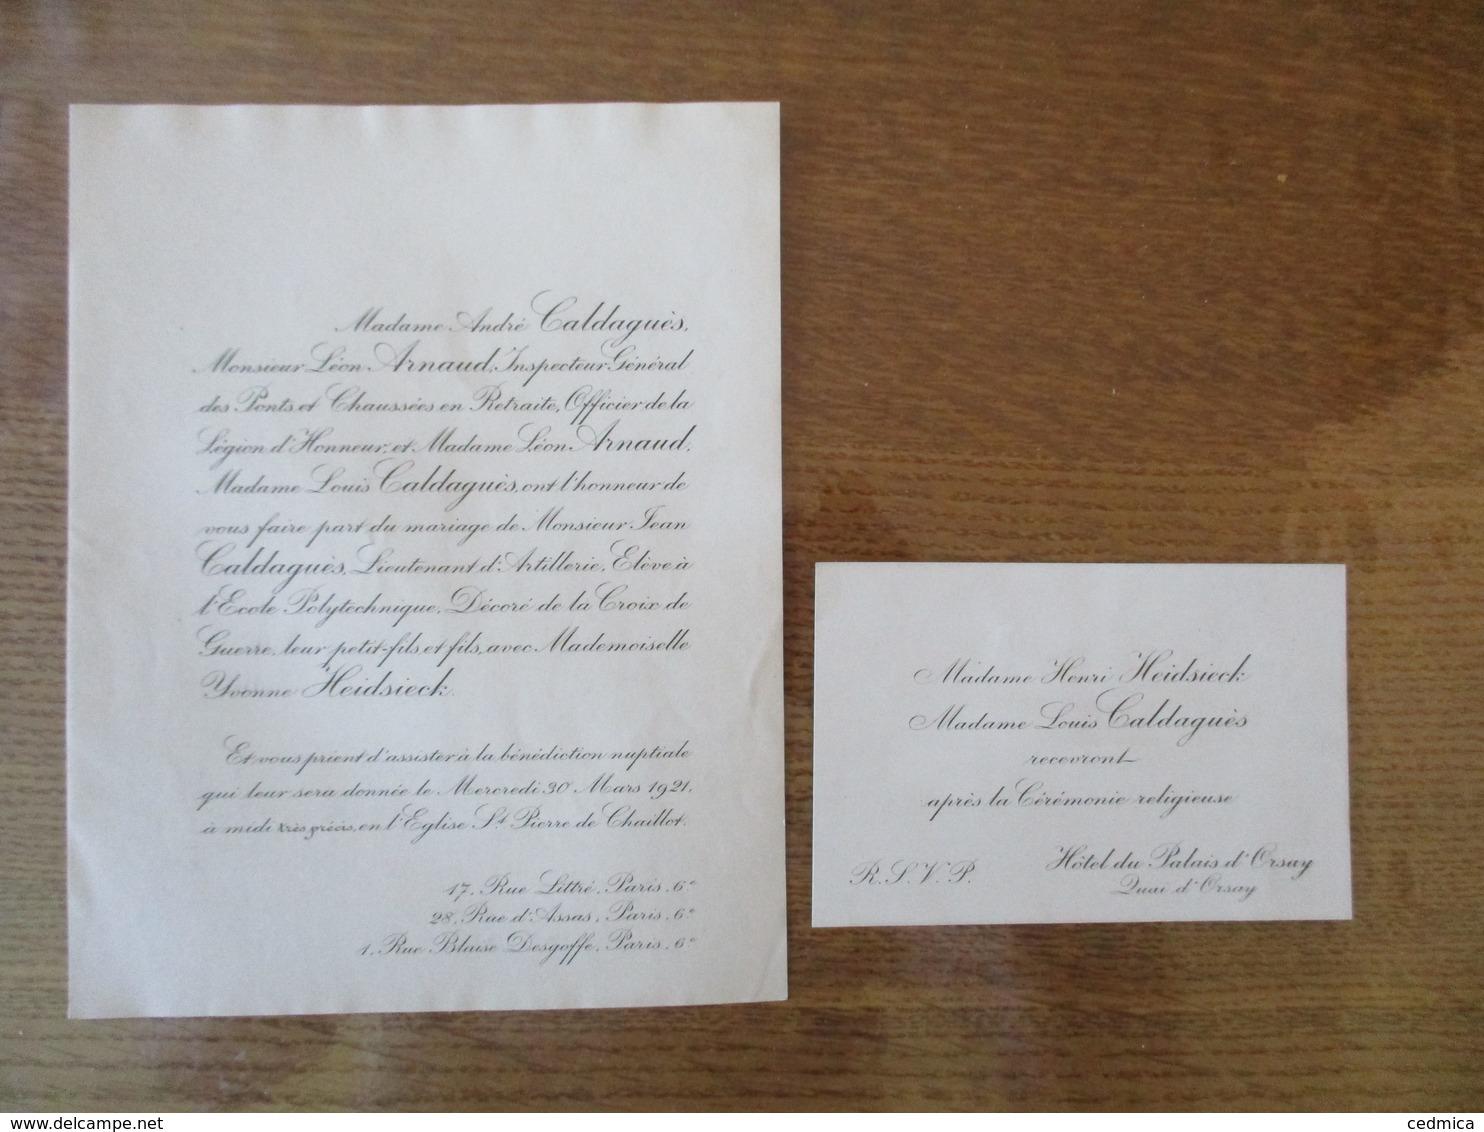 PARIS LE 20 MARS 1921 MADEMOISELLE YVONNE HEIDSIECK AVEC MONSIEUR JEAN CALDAGUES LIEUTENANT D'ARTILLERIE - Mariage